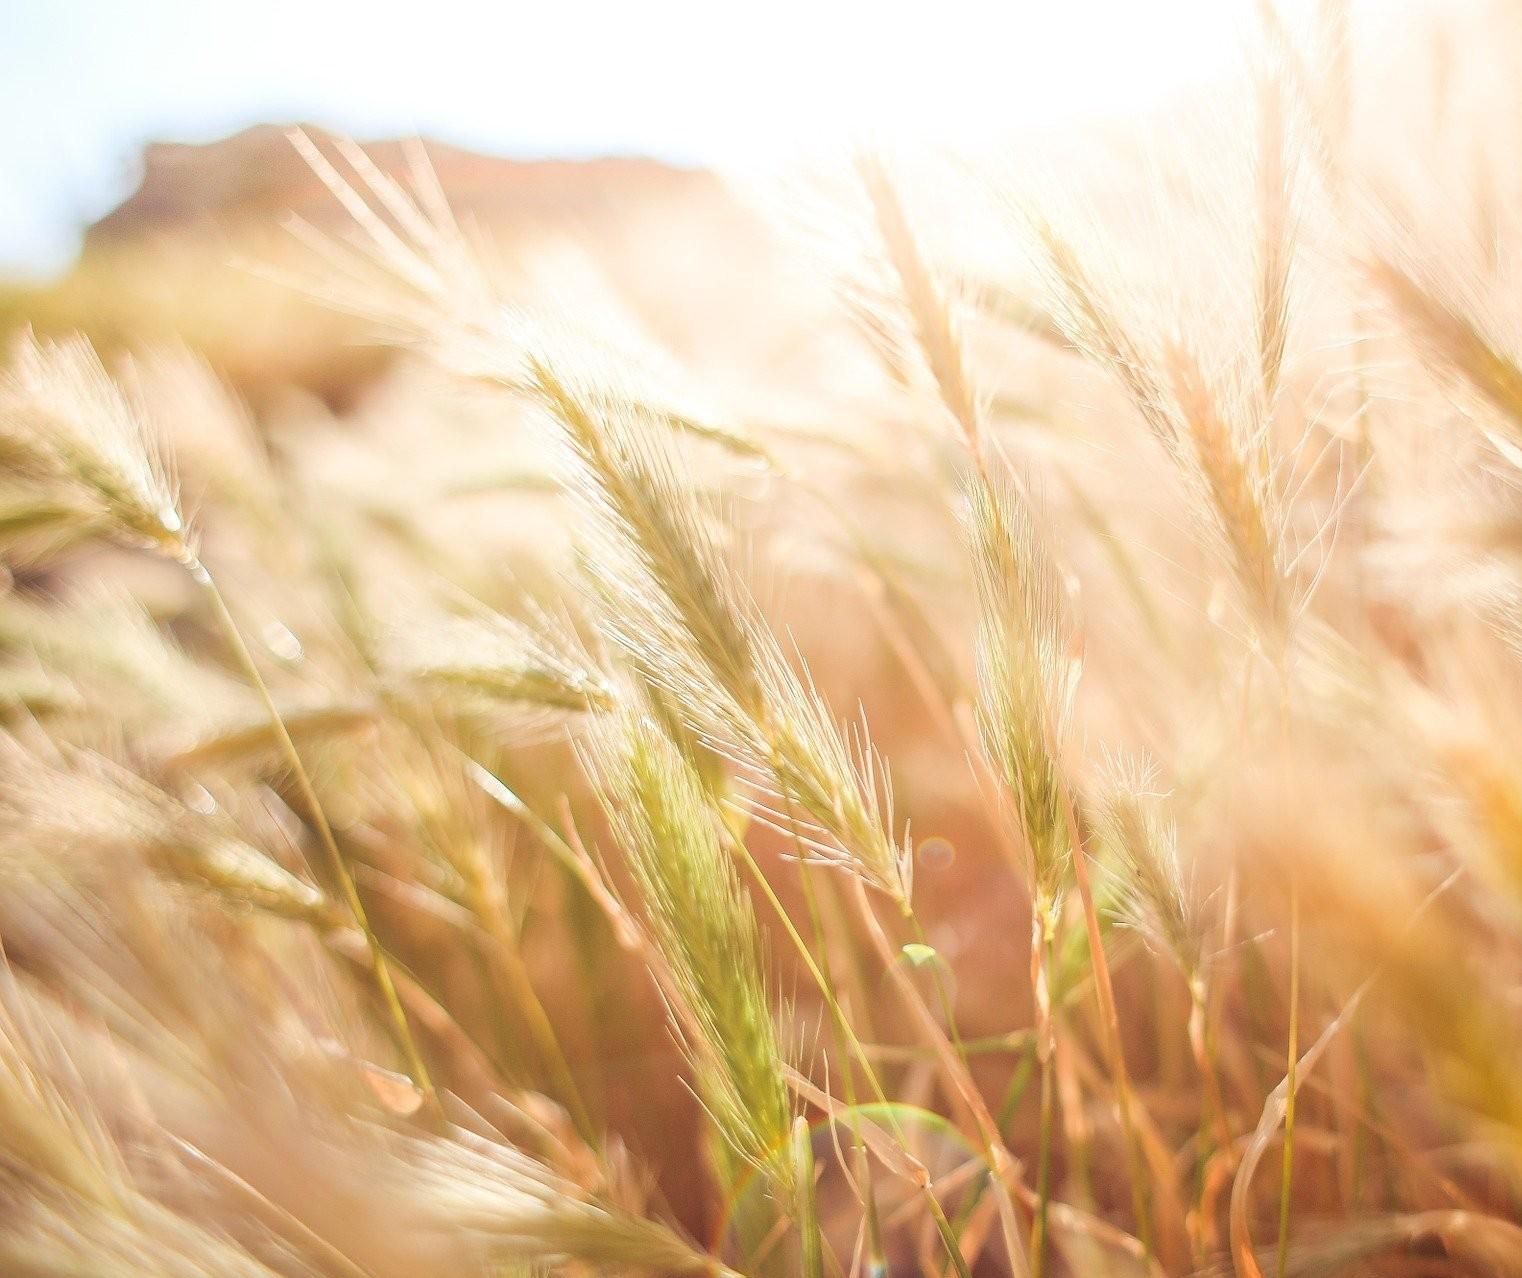 As colheitas do trigo e aveia no Paraná estão praticamente finalizadas